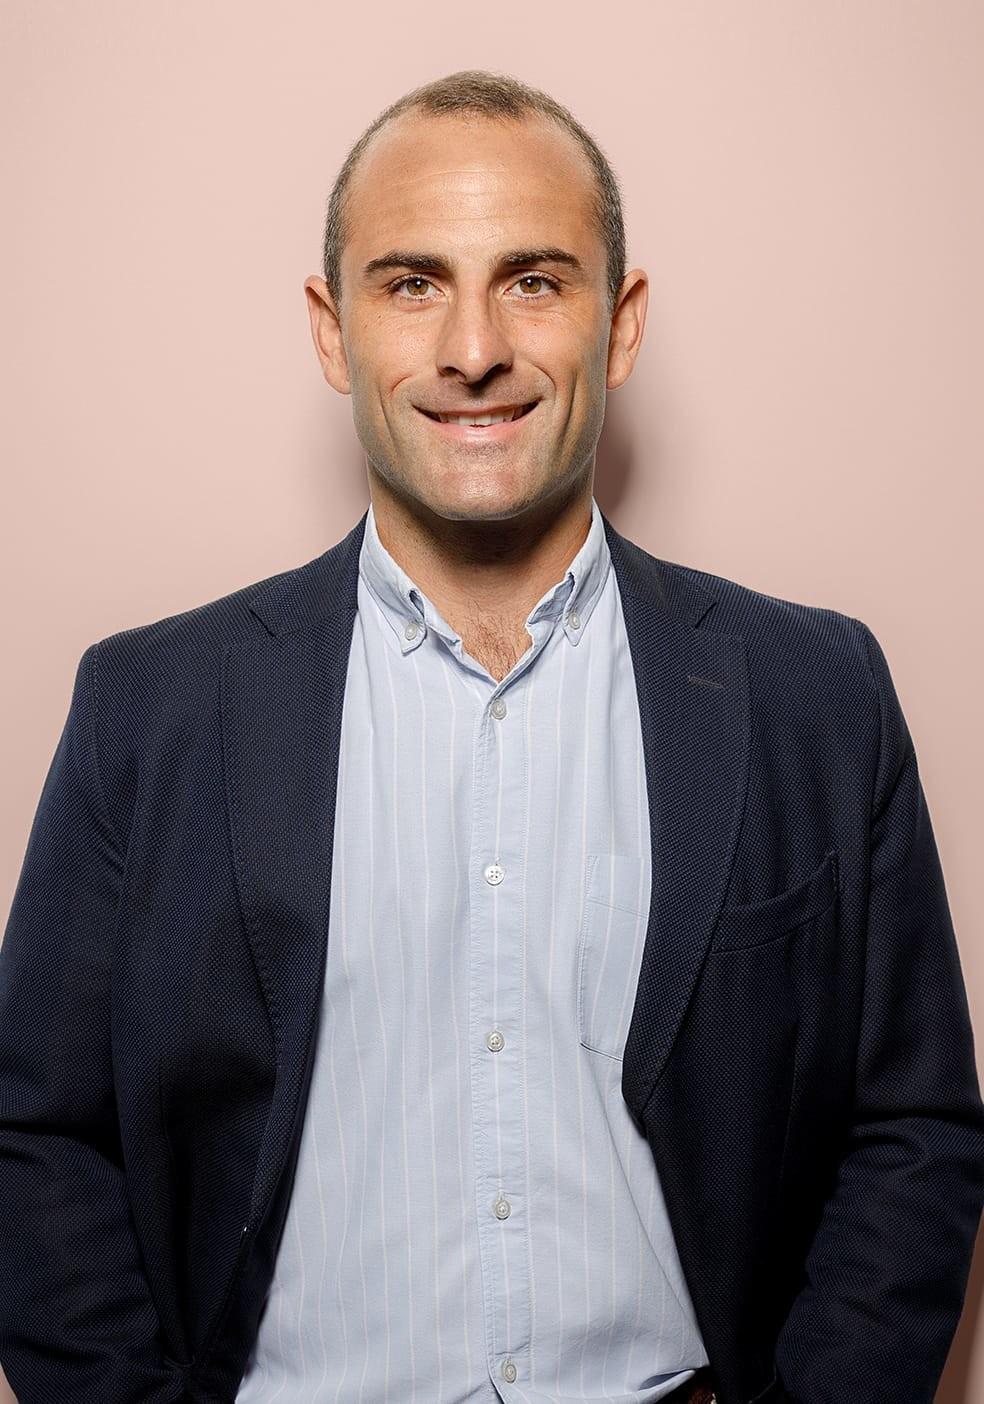 Iñigo Basurto